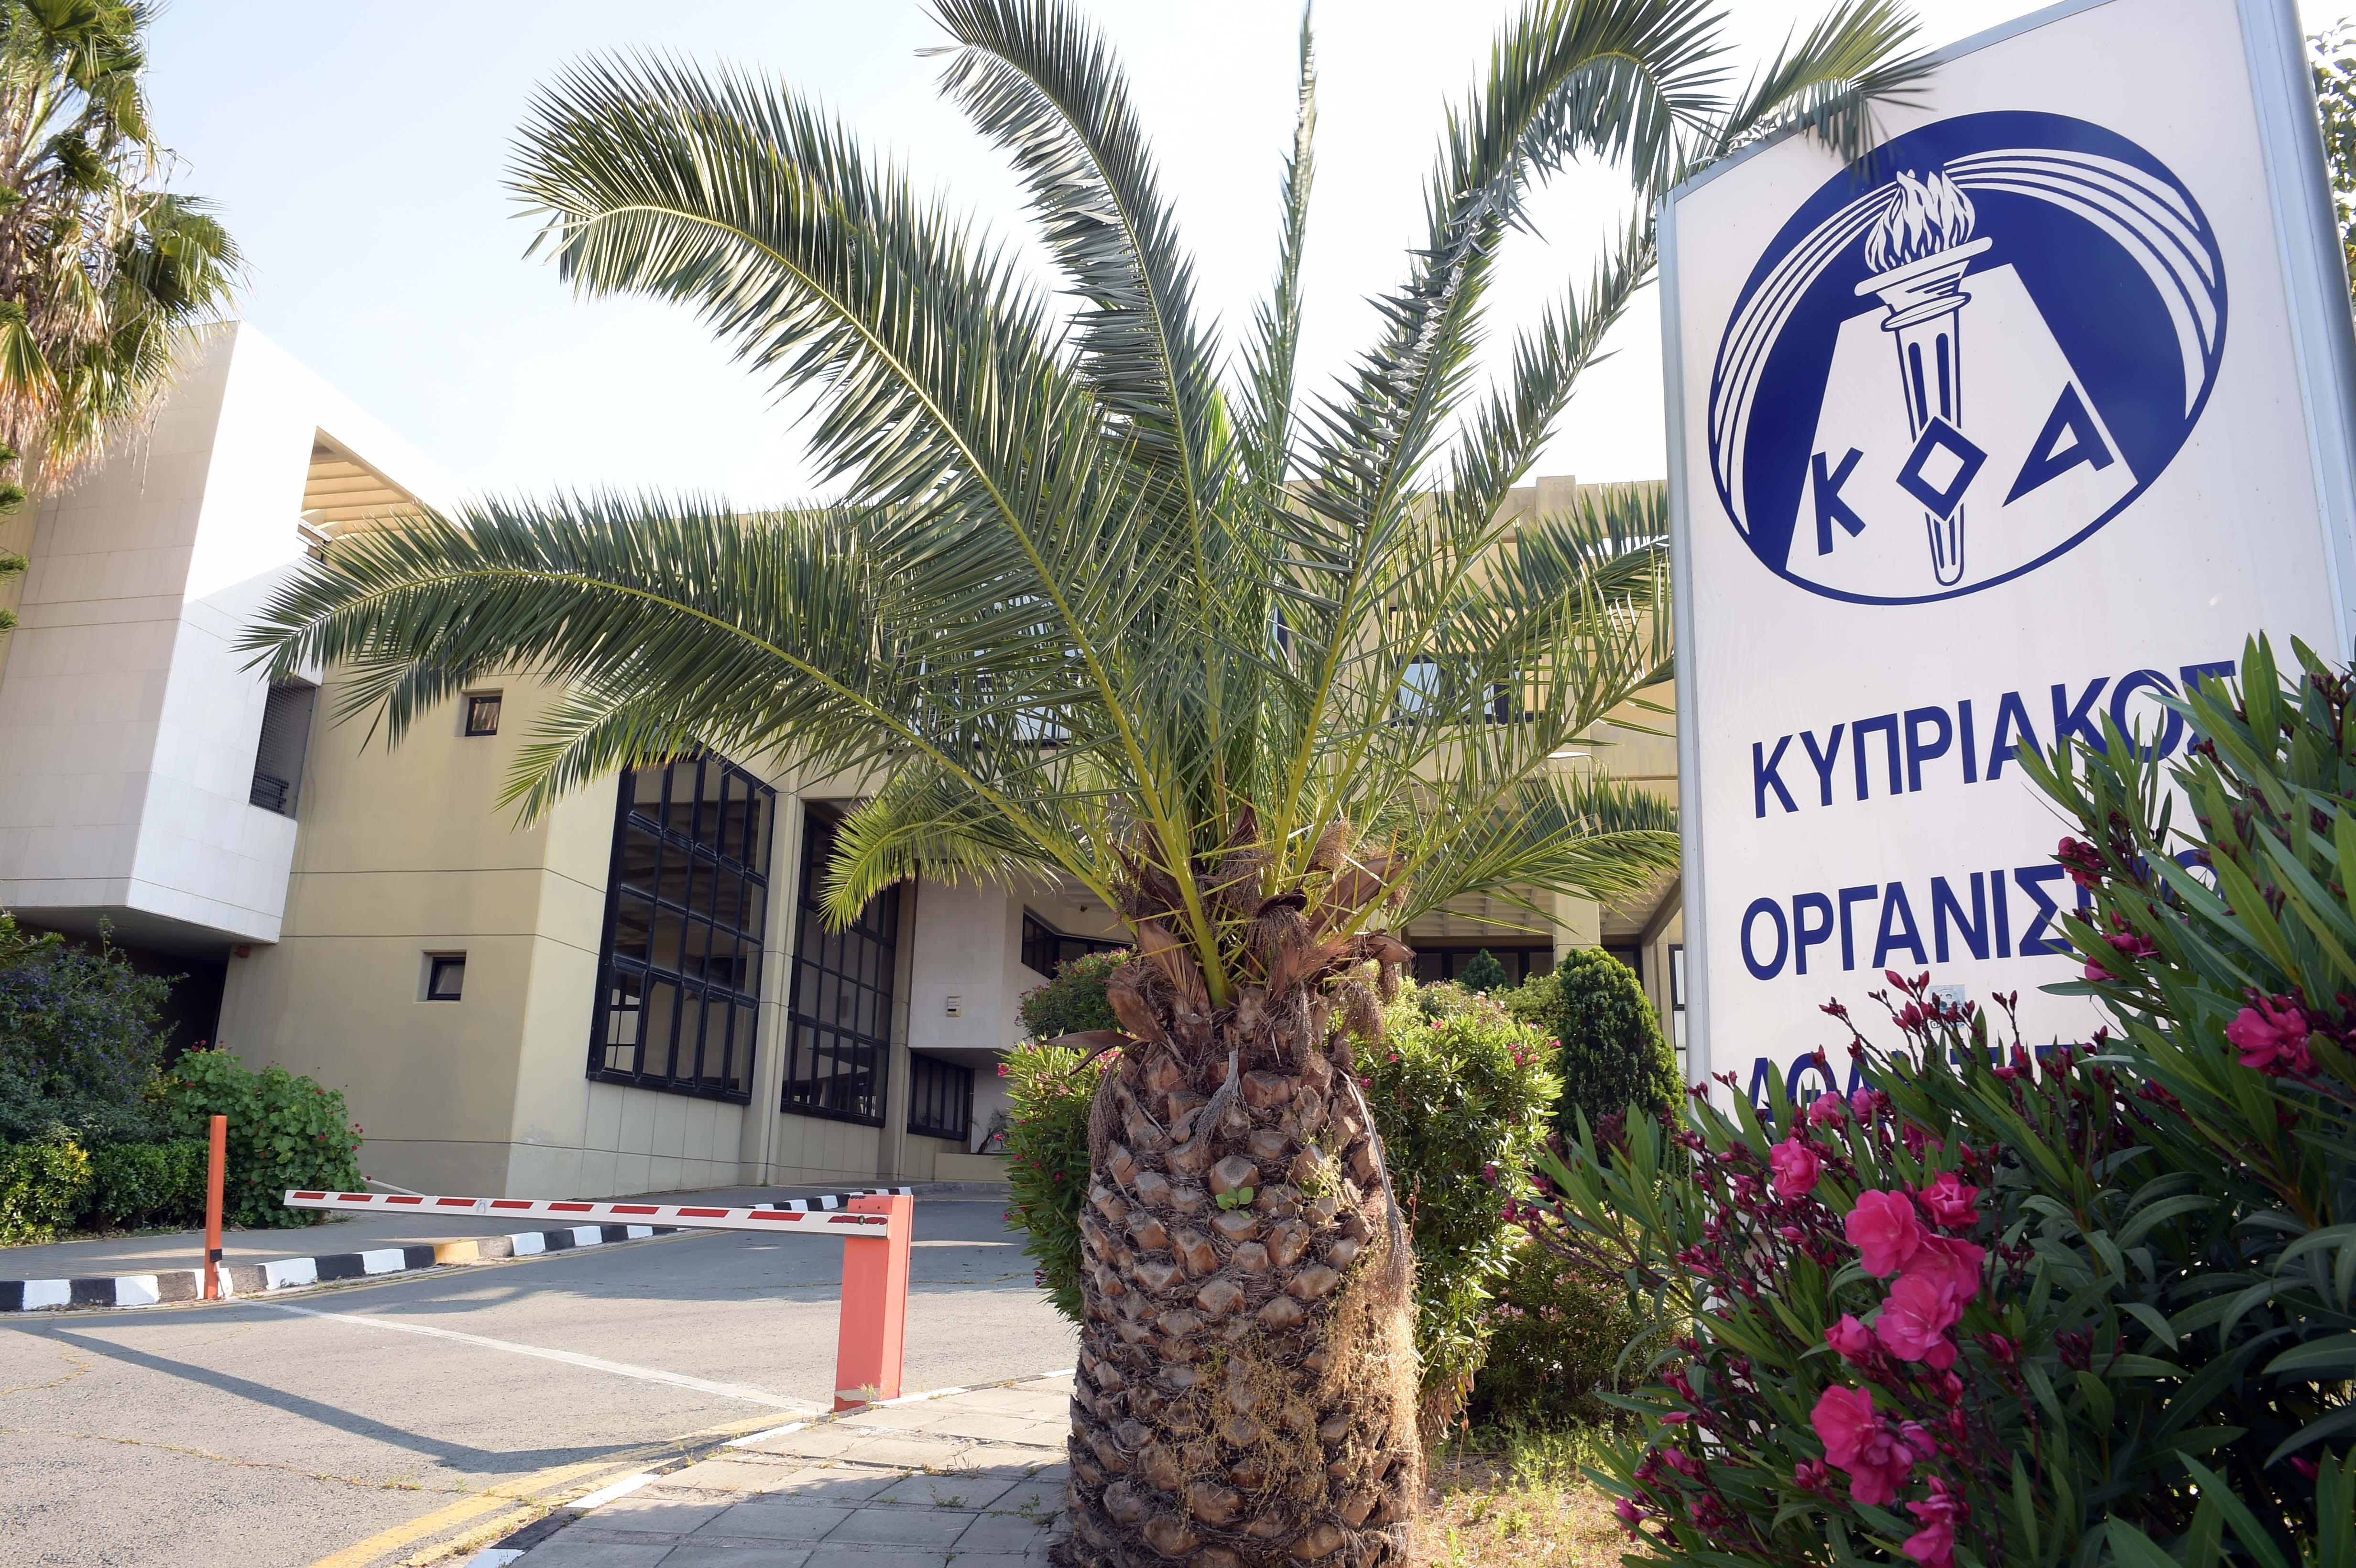 Μιχαηλίδης στον Άστρα: Δεν γνώριζε ο ΚΟΑ για τοκογλύφους